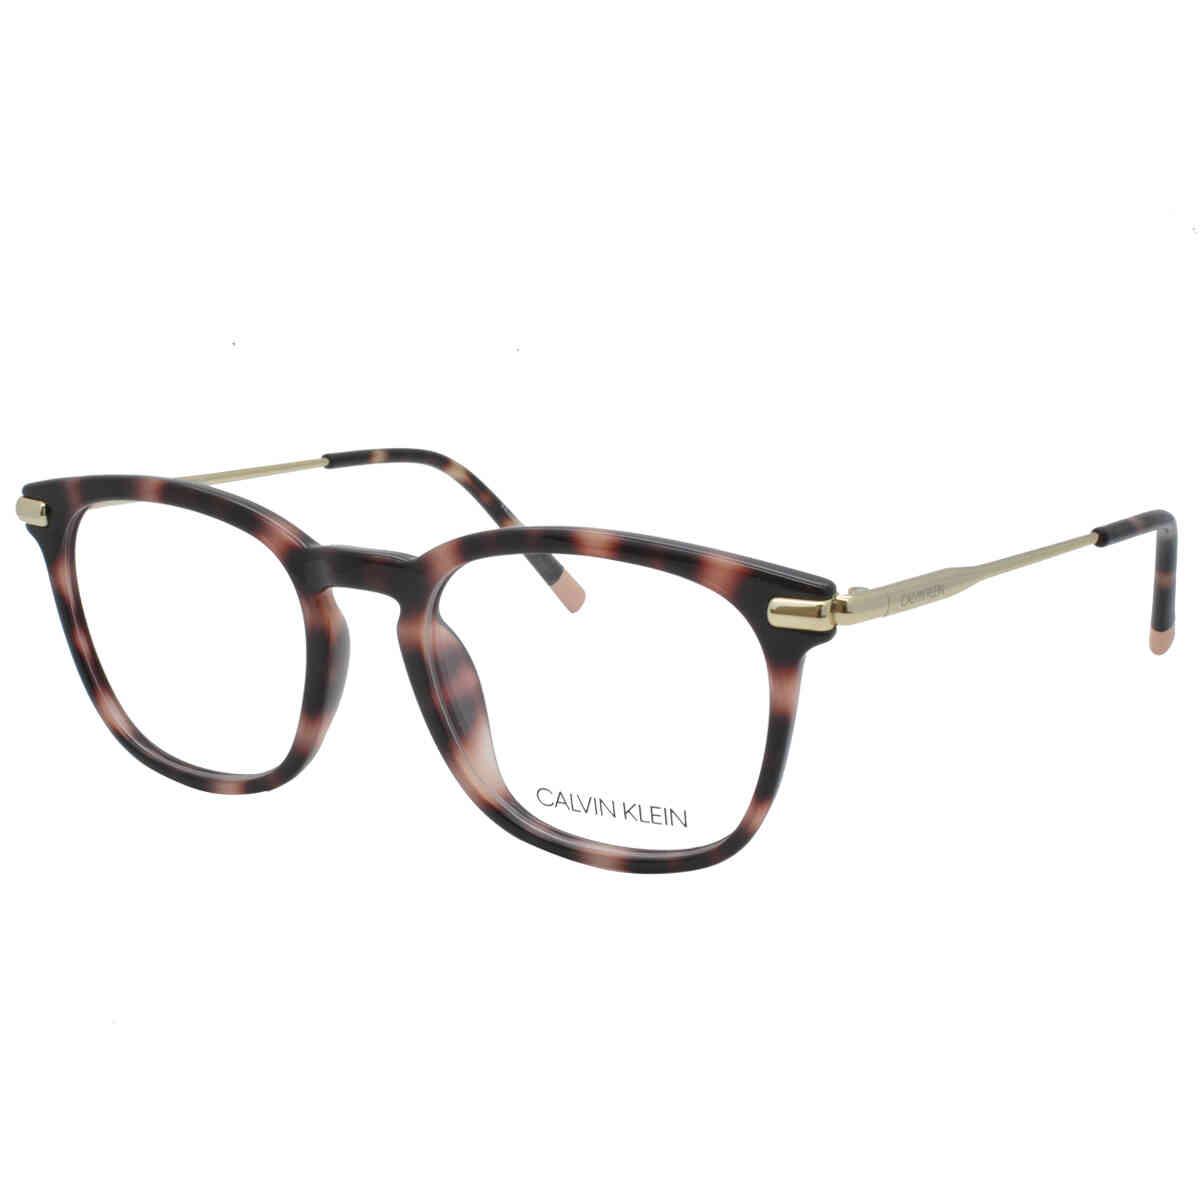 Óculos de Grau Calvin Klein Feminino CK5965